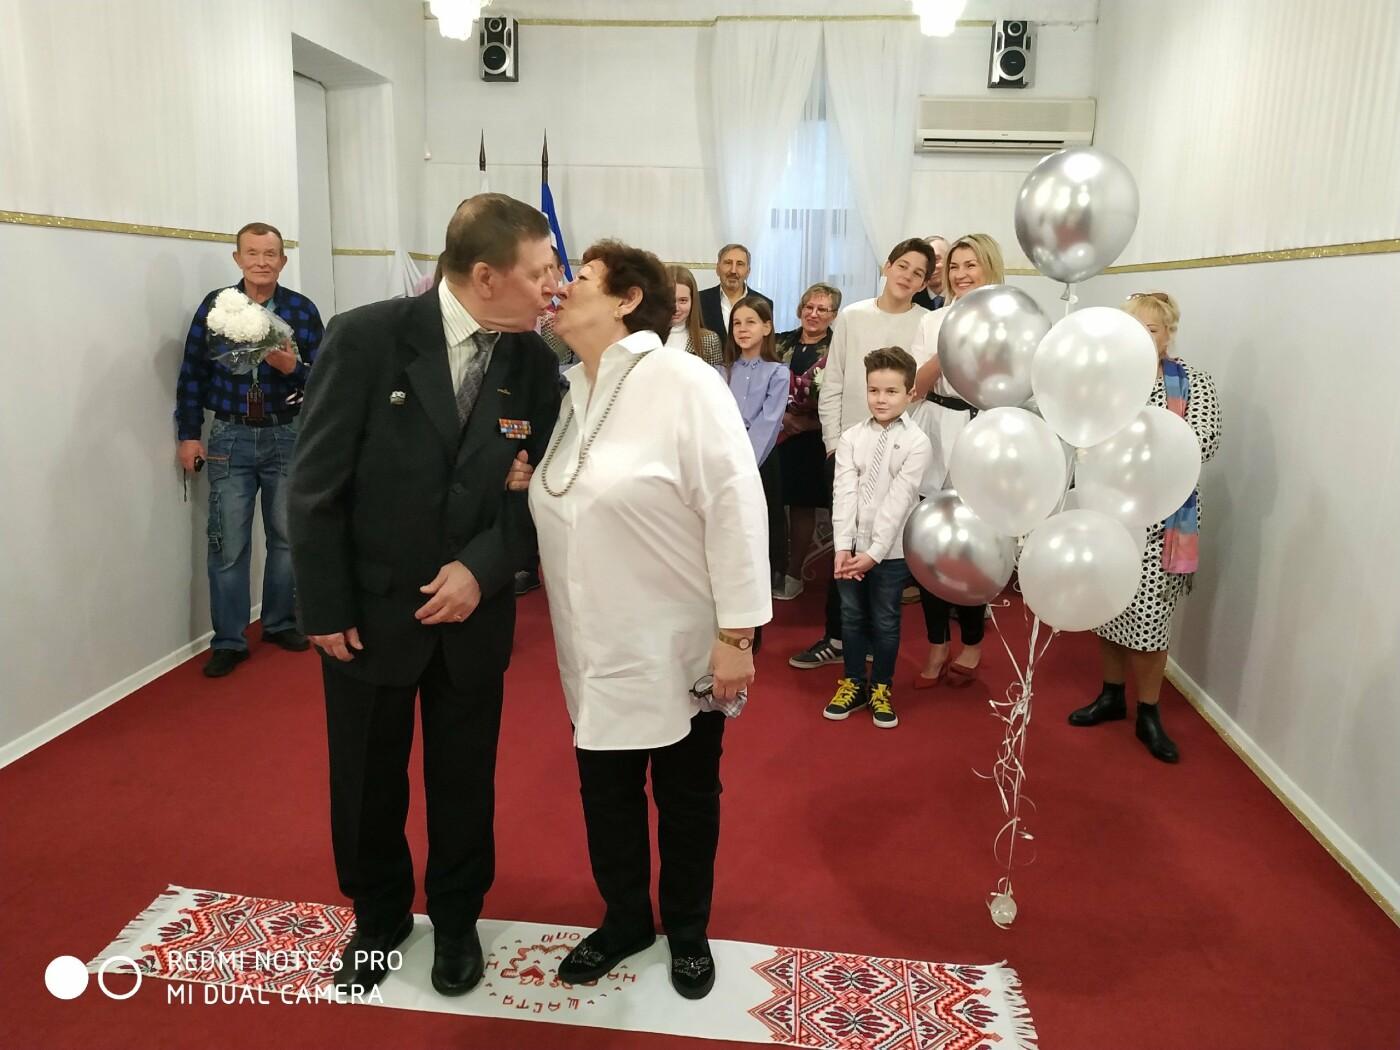 Ялтинская пара - Супруги Афанасьевы - отметили серебряный юбилей  , фото-2